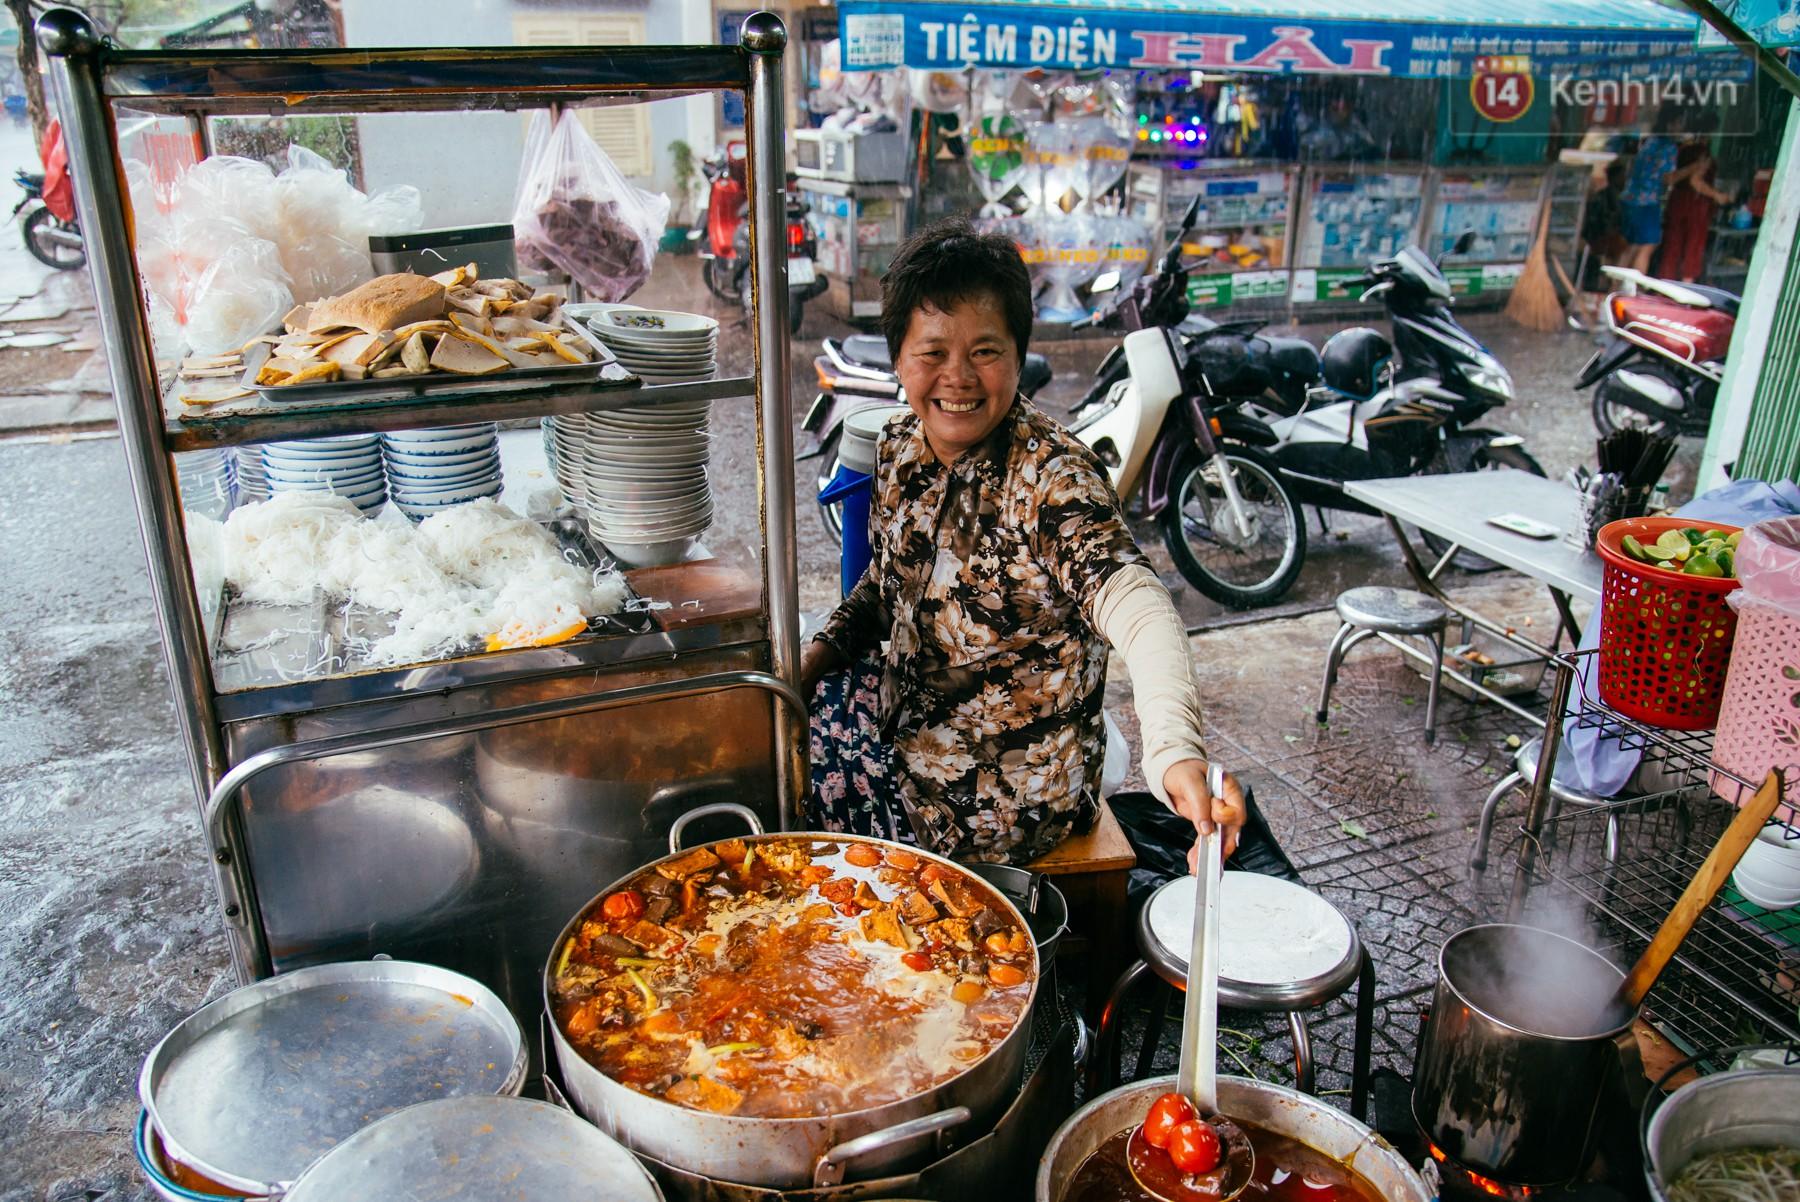 Quán bún riêu 30 năm tuổi ở vỉa hè Sài Gòn có gì hấp dẫn mà Trường Giang trở thành khách quen lâu năm? - Ảnh 2.